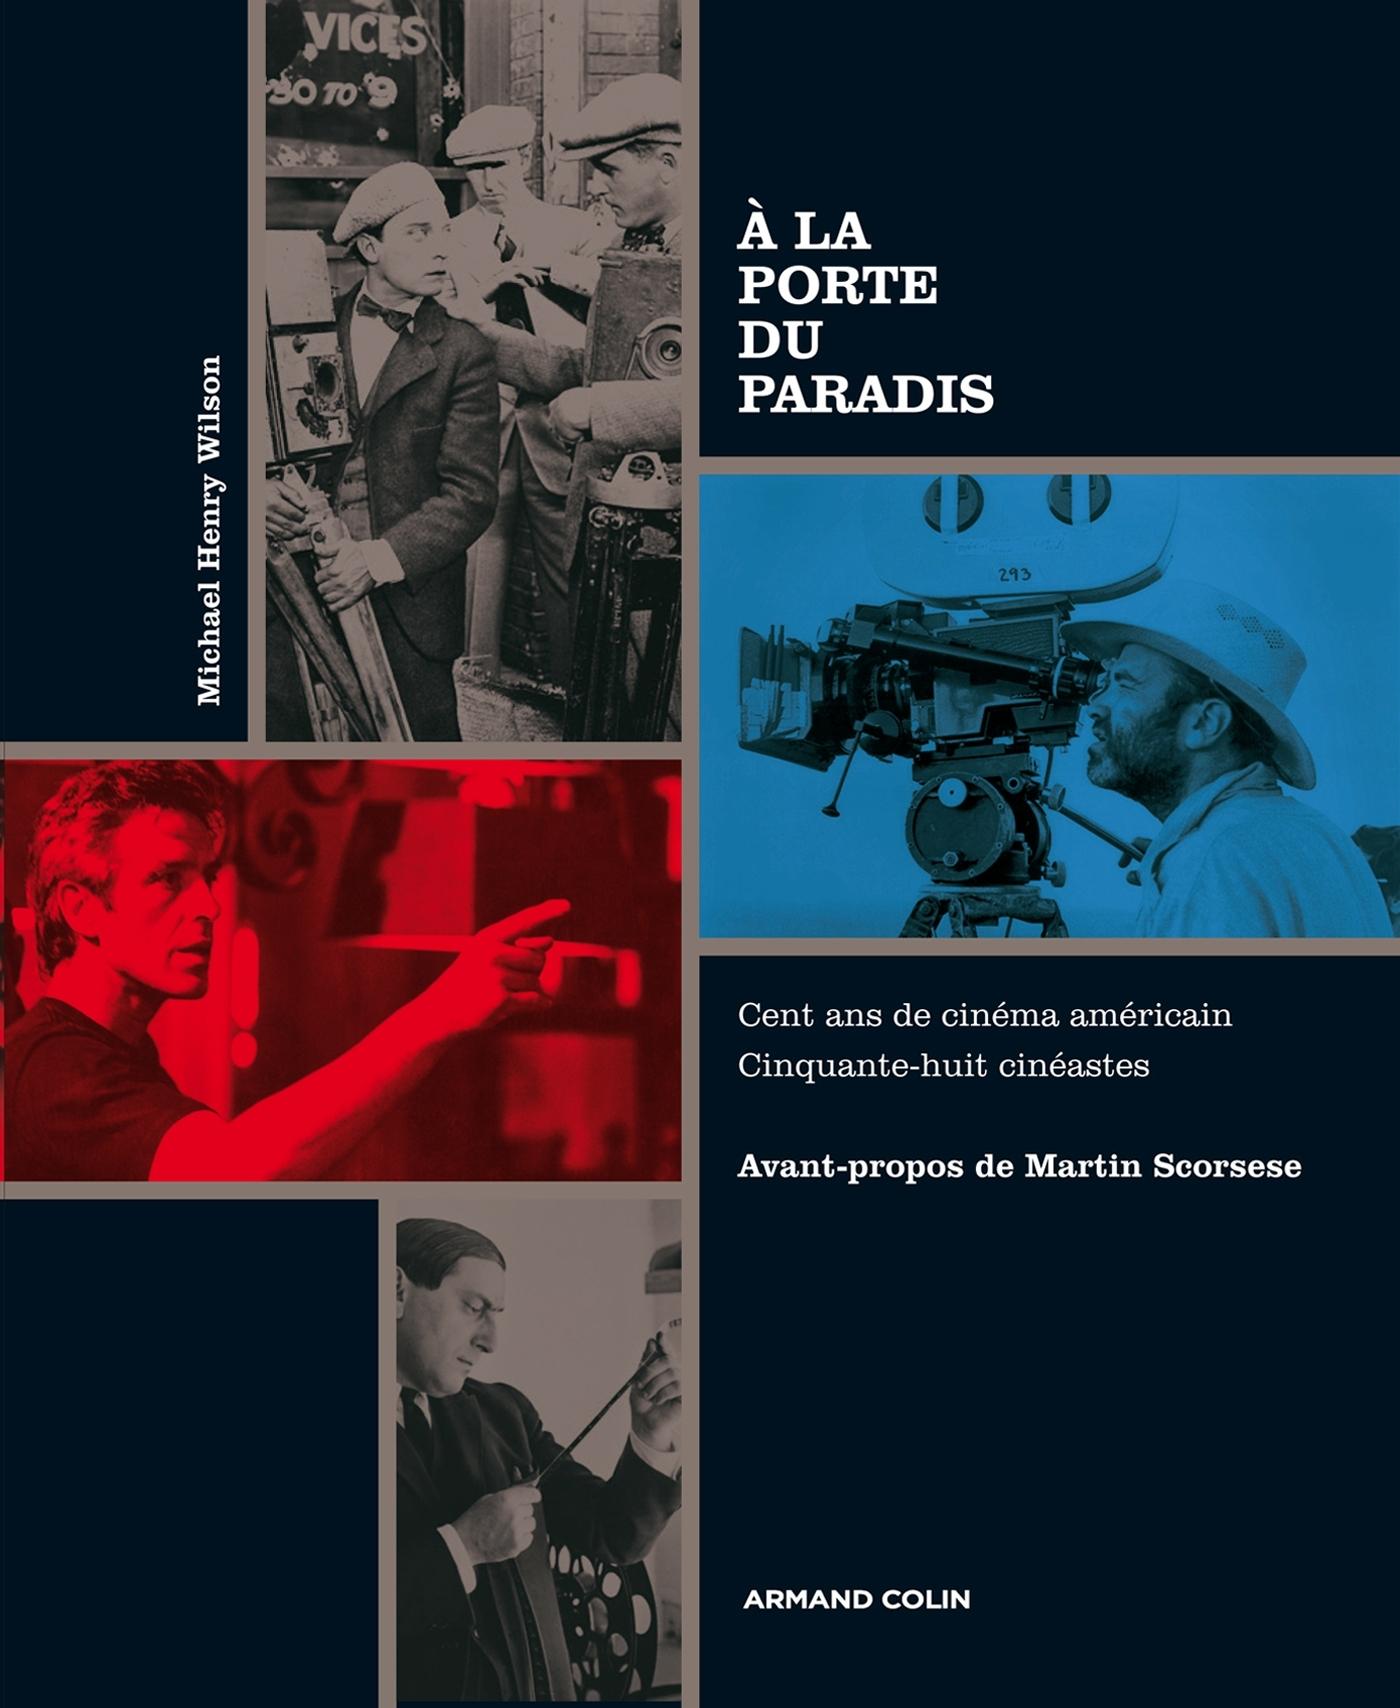 A LA PORTE DU PARADIS - CENT ANS DE CINEMA AMERICAIN. CINQUANTE-HUIT CINEASTES